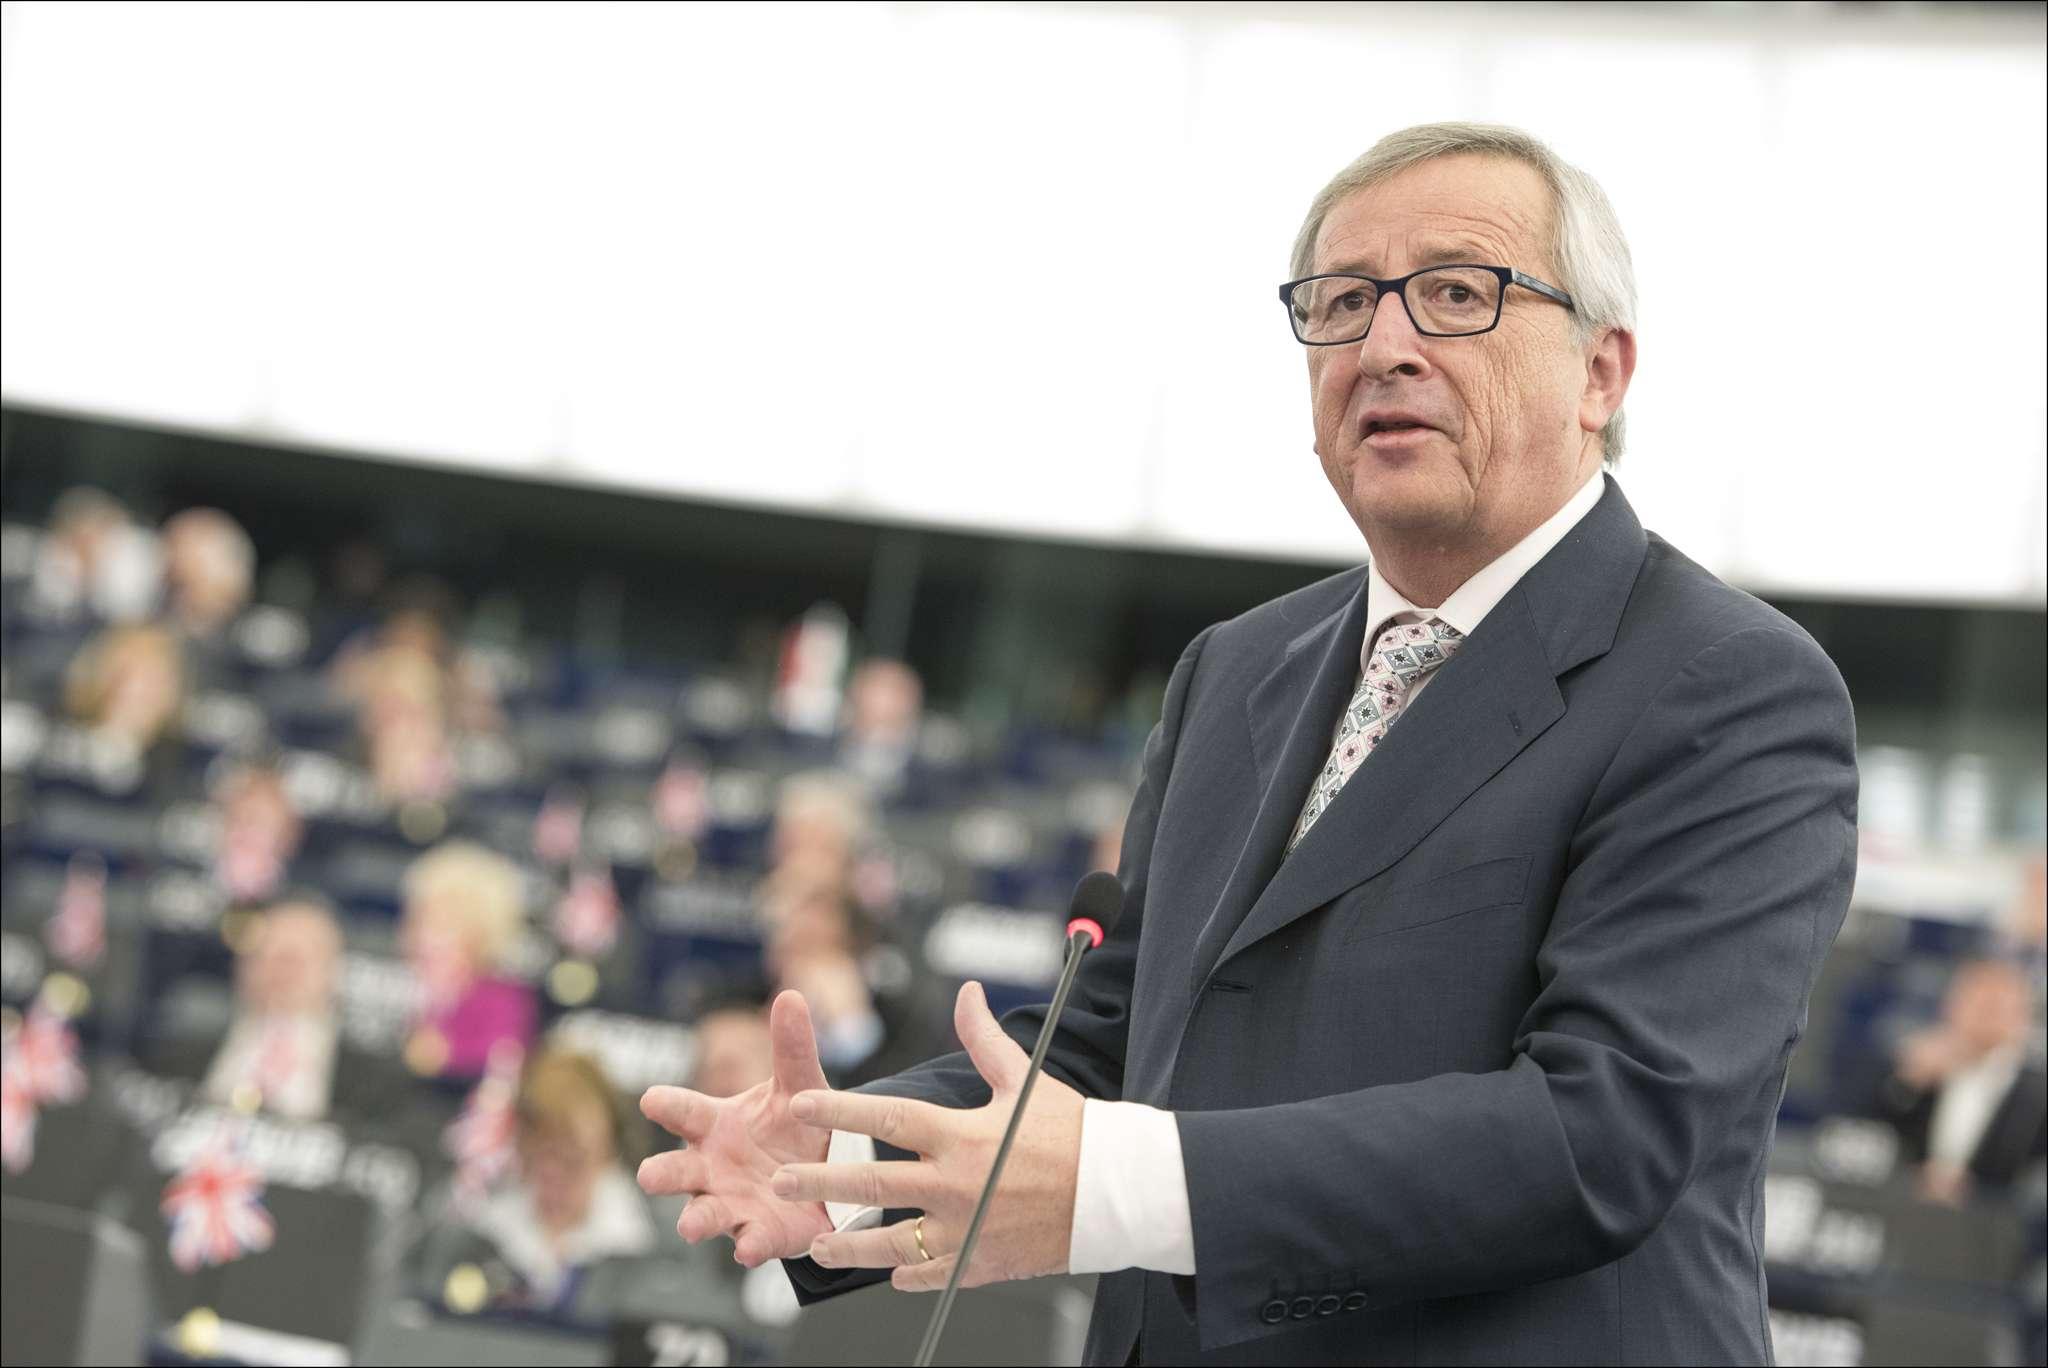 #FactOfTheDay 06/02/2018: Jean-Claude Juncker defends the «Spitzenkandidat» system